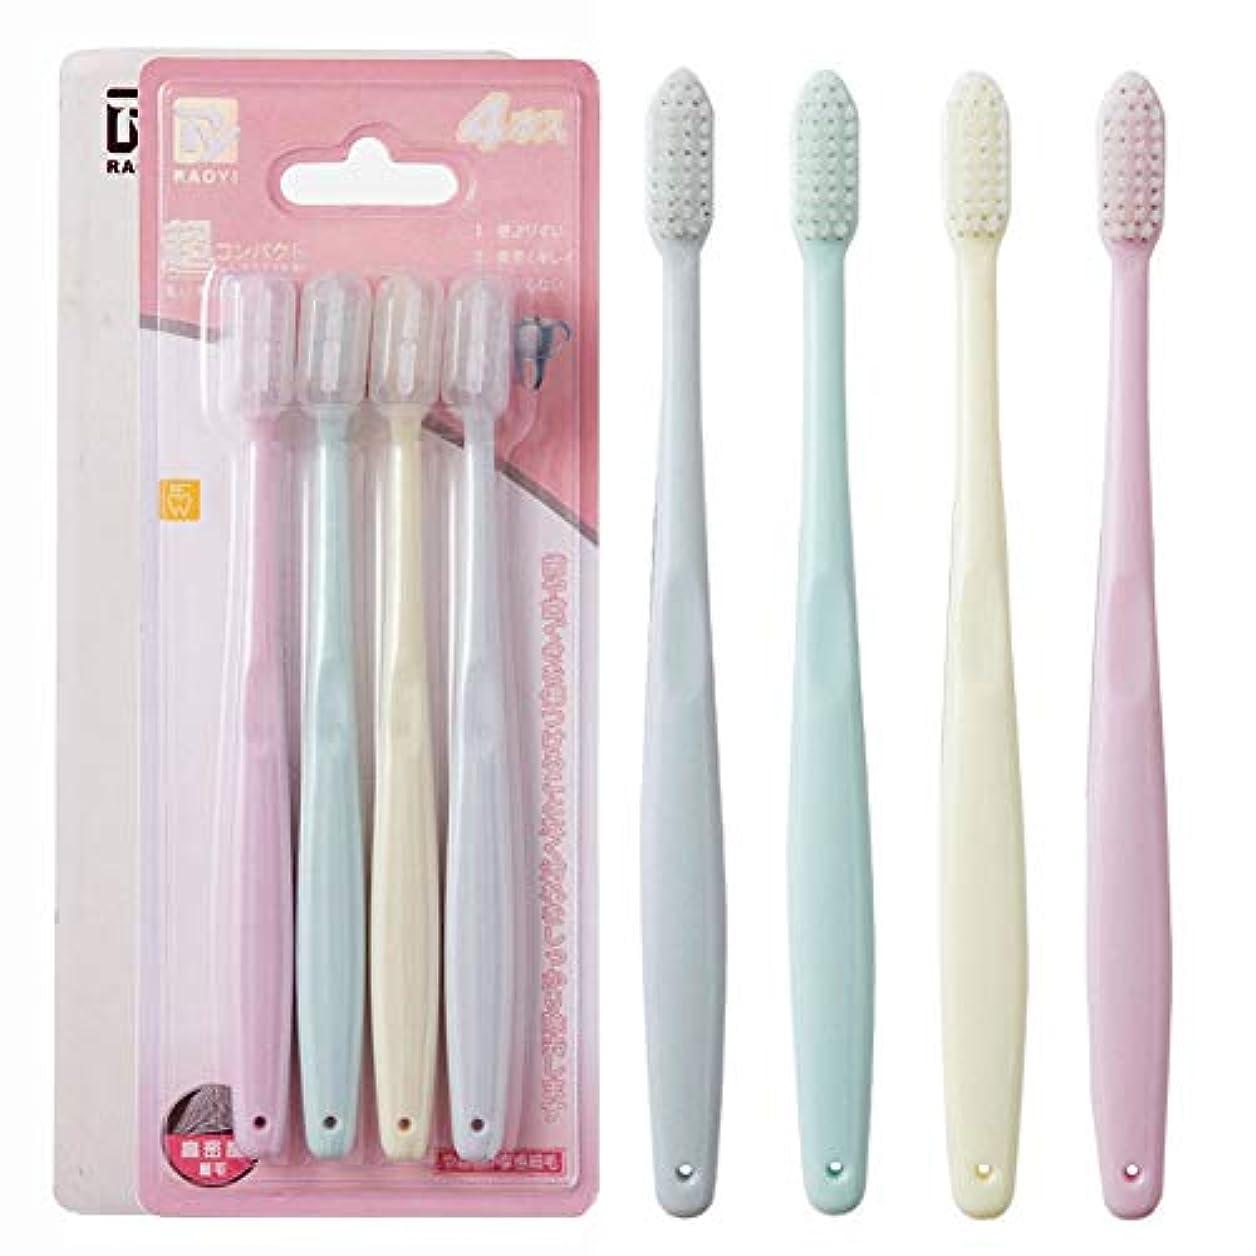 浸漬翻訳者おめでとう小さな歯ブラシ4本の棒、大人の子供の妊娠中の女性の極細の柔らかい歯ブラシ、歯肉ケア抗歯ブラシ